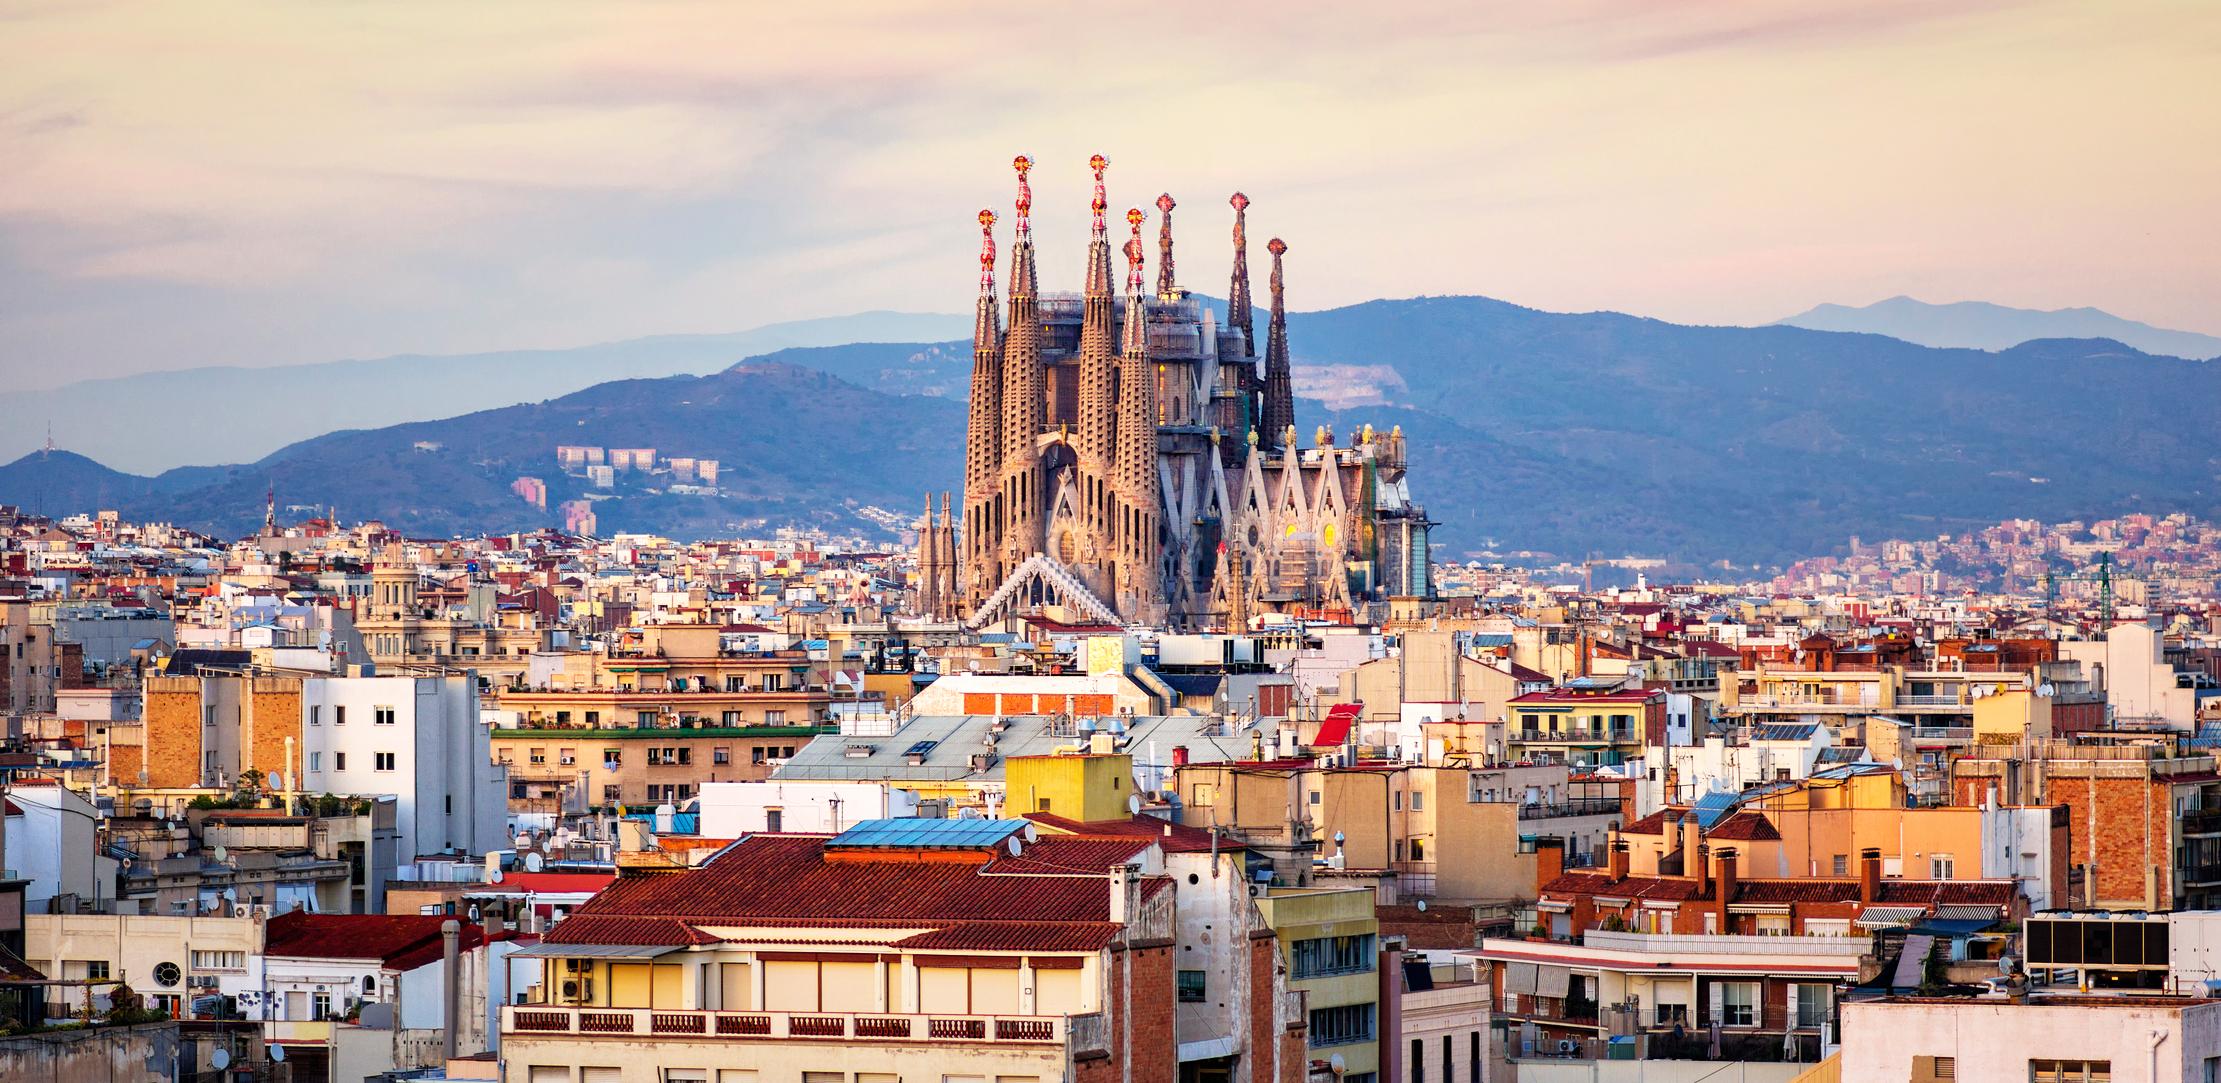 BARCELONA PRIVATE AIRPORT BARCELONA PRIVATE JET HIRE - Barcelona Airport private jet charter and Barcelona Airport private jet hire empty leg mlkjets